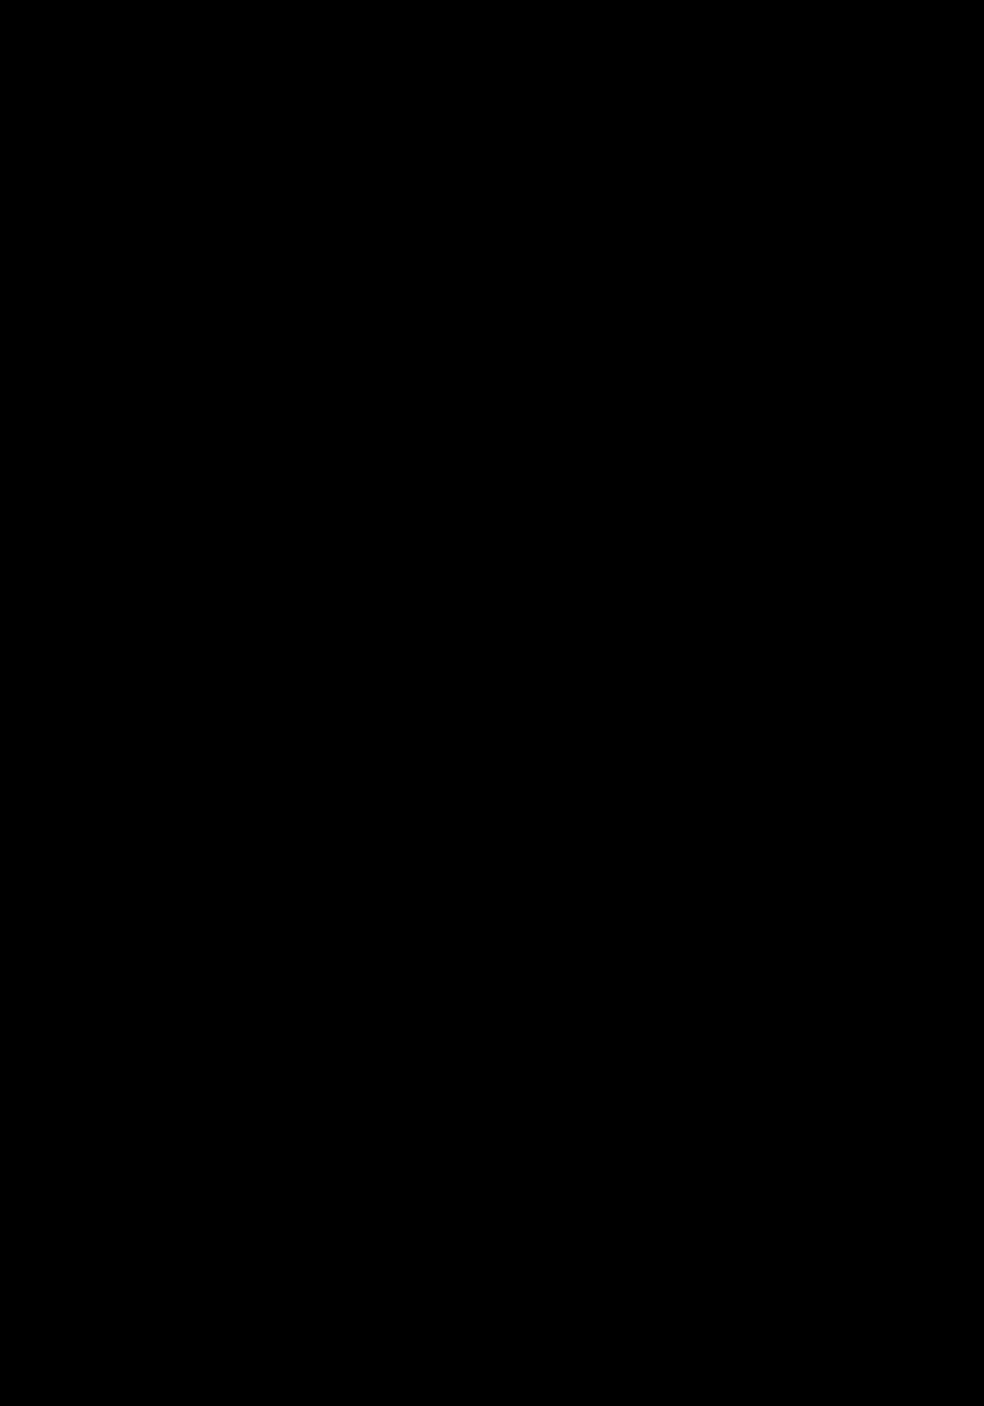 艶 E 大かな ETU-KL 横組見本